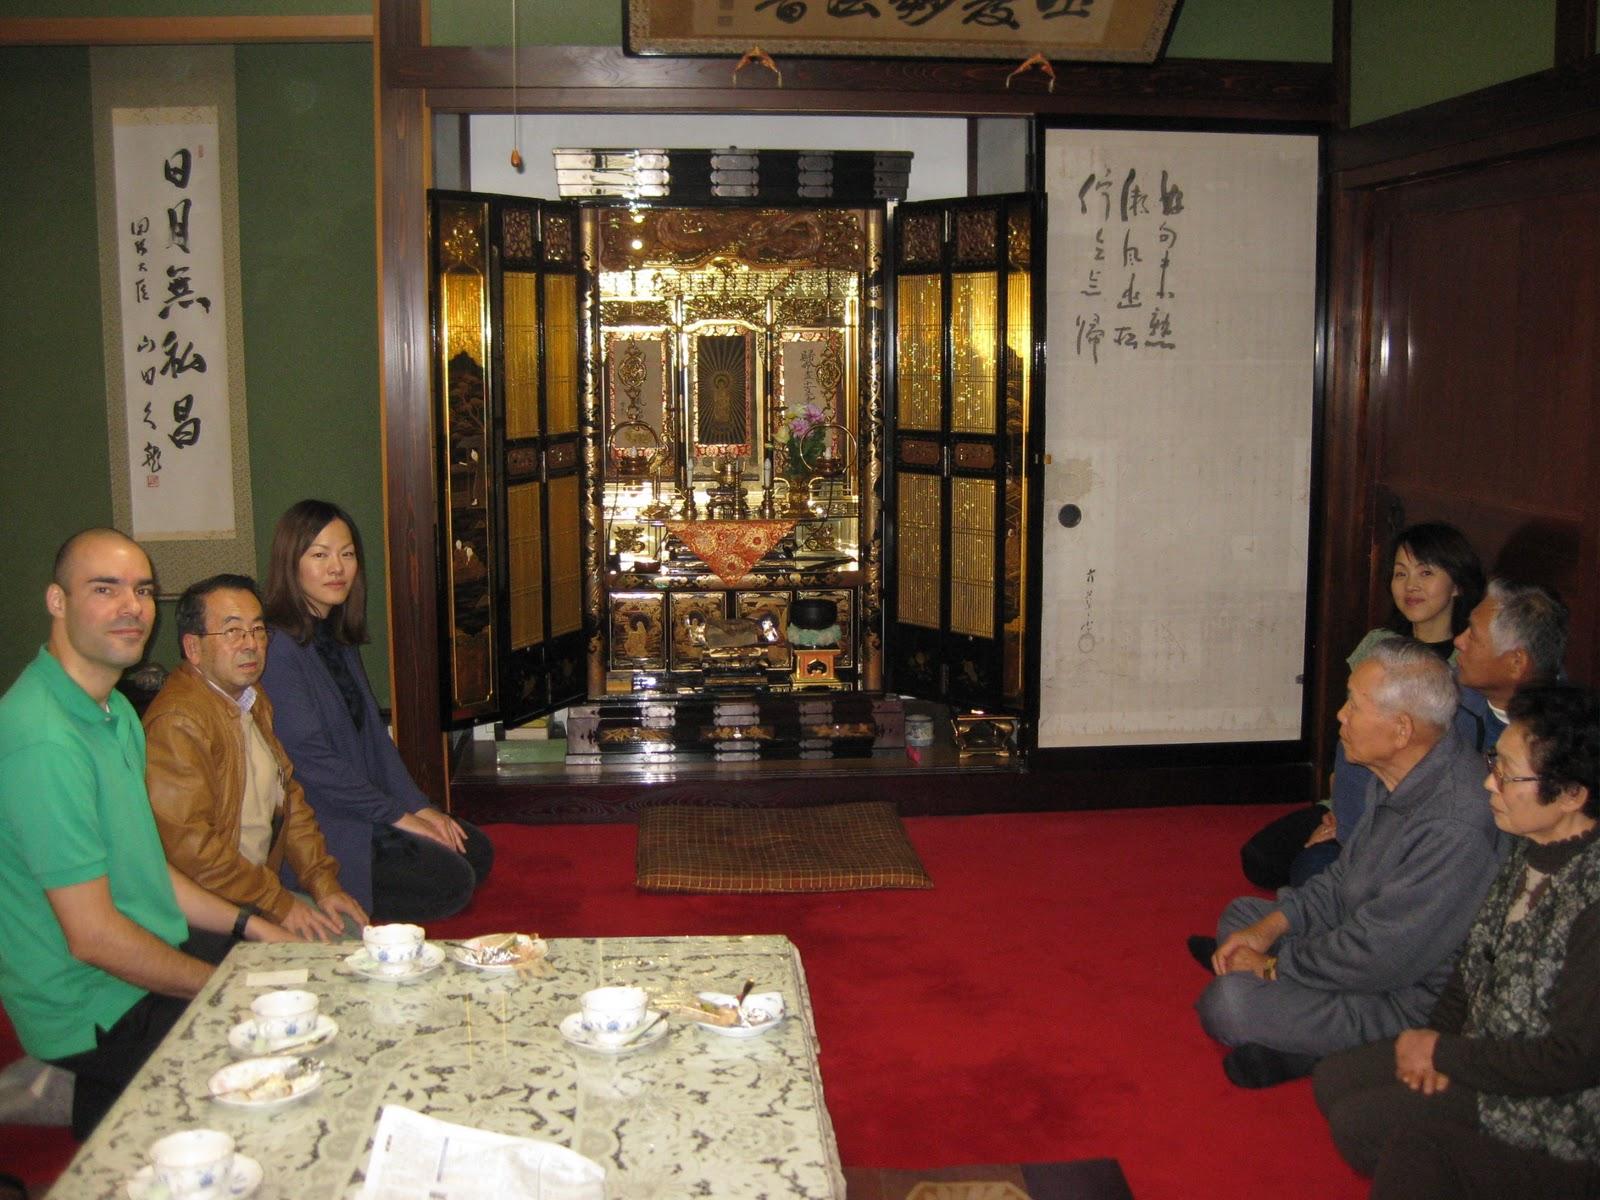 Uma professora de arte no jap o casa tradicional japonesa - Casa tradicional japonesa ...